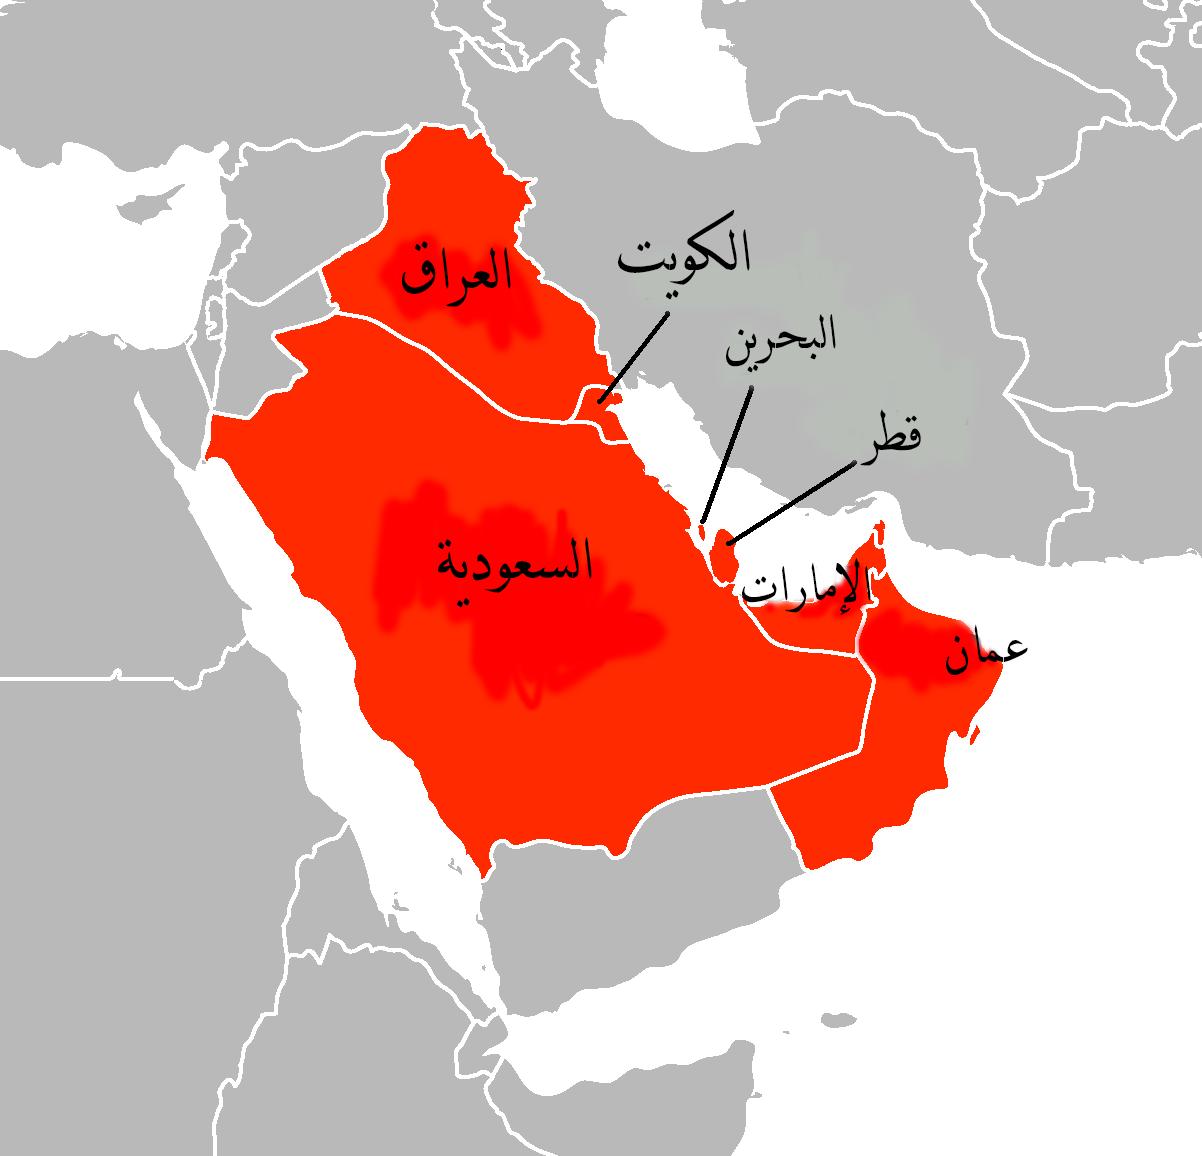 اين تقع الكويت وكيفية السفر الى الكويت رحلاتك